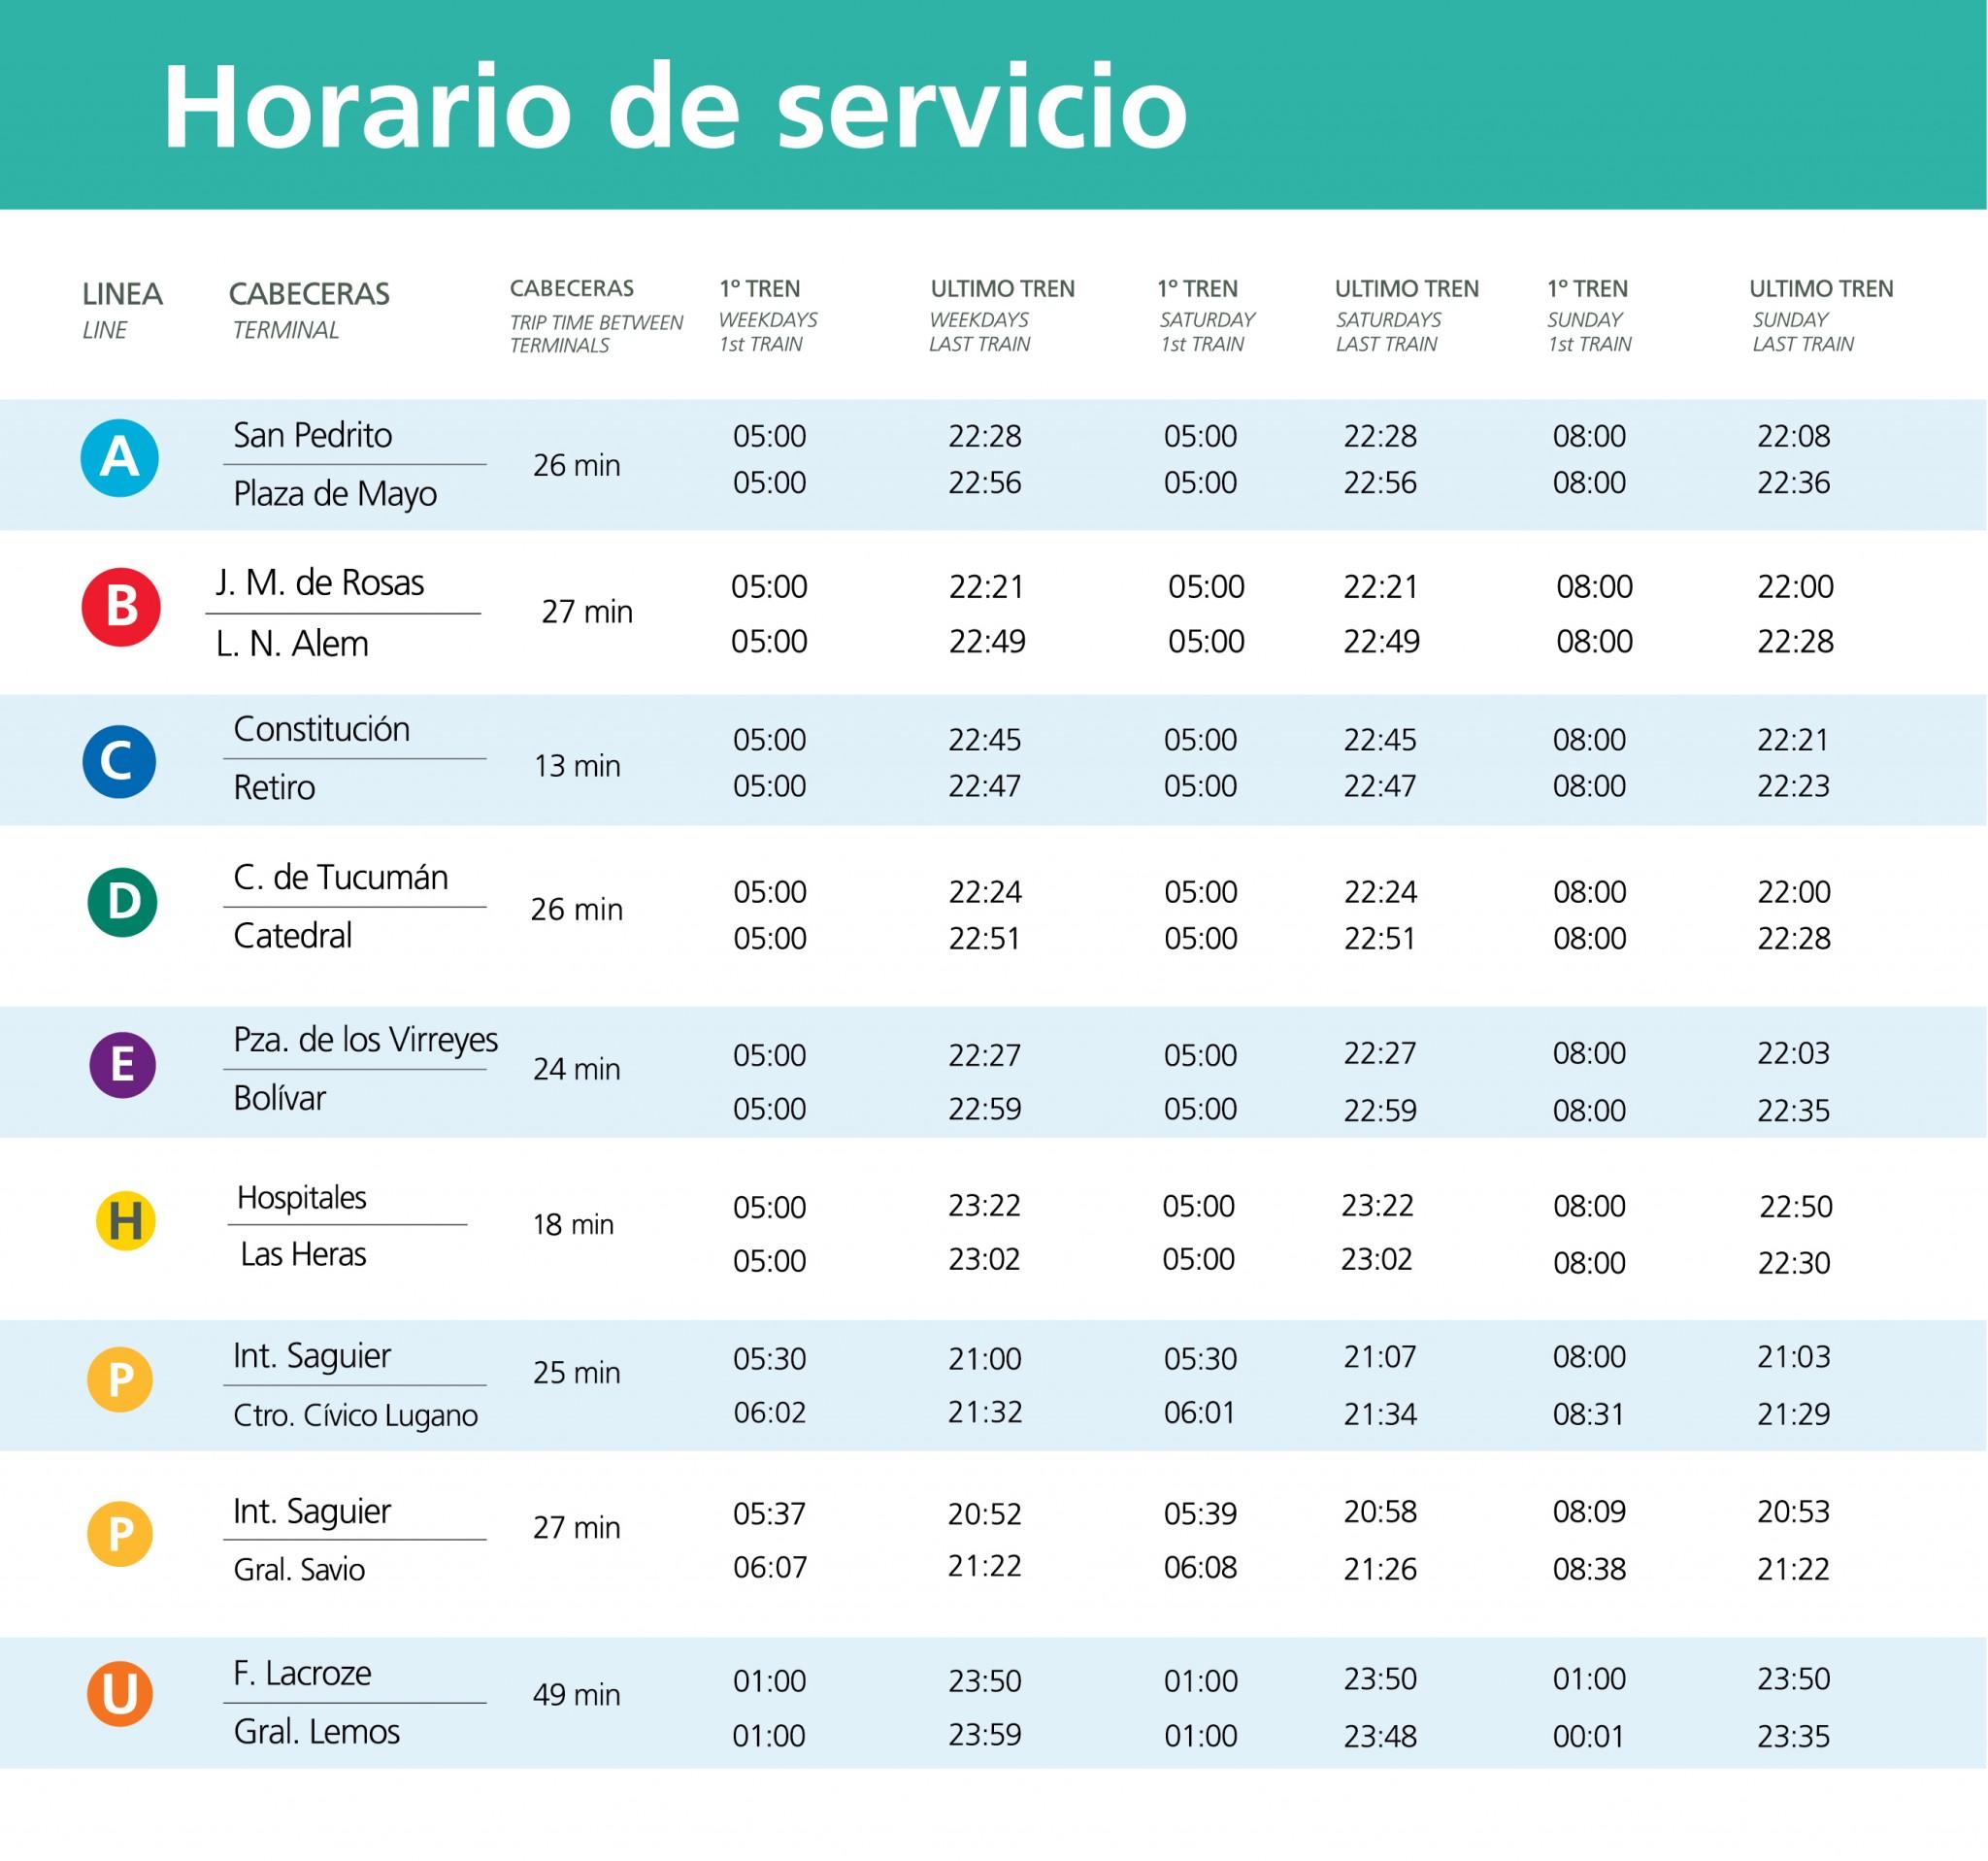 horarios de servicio OK